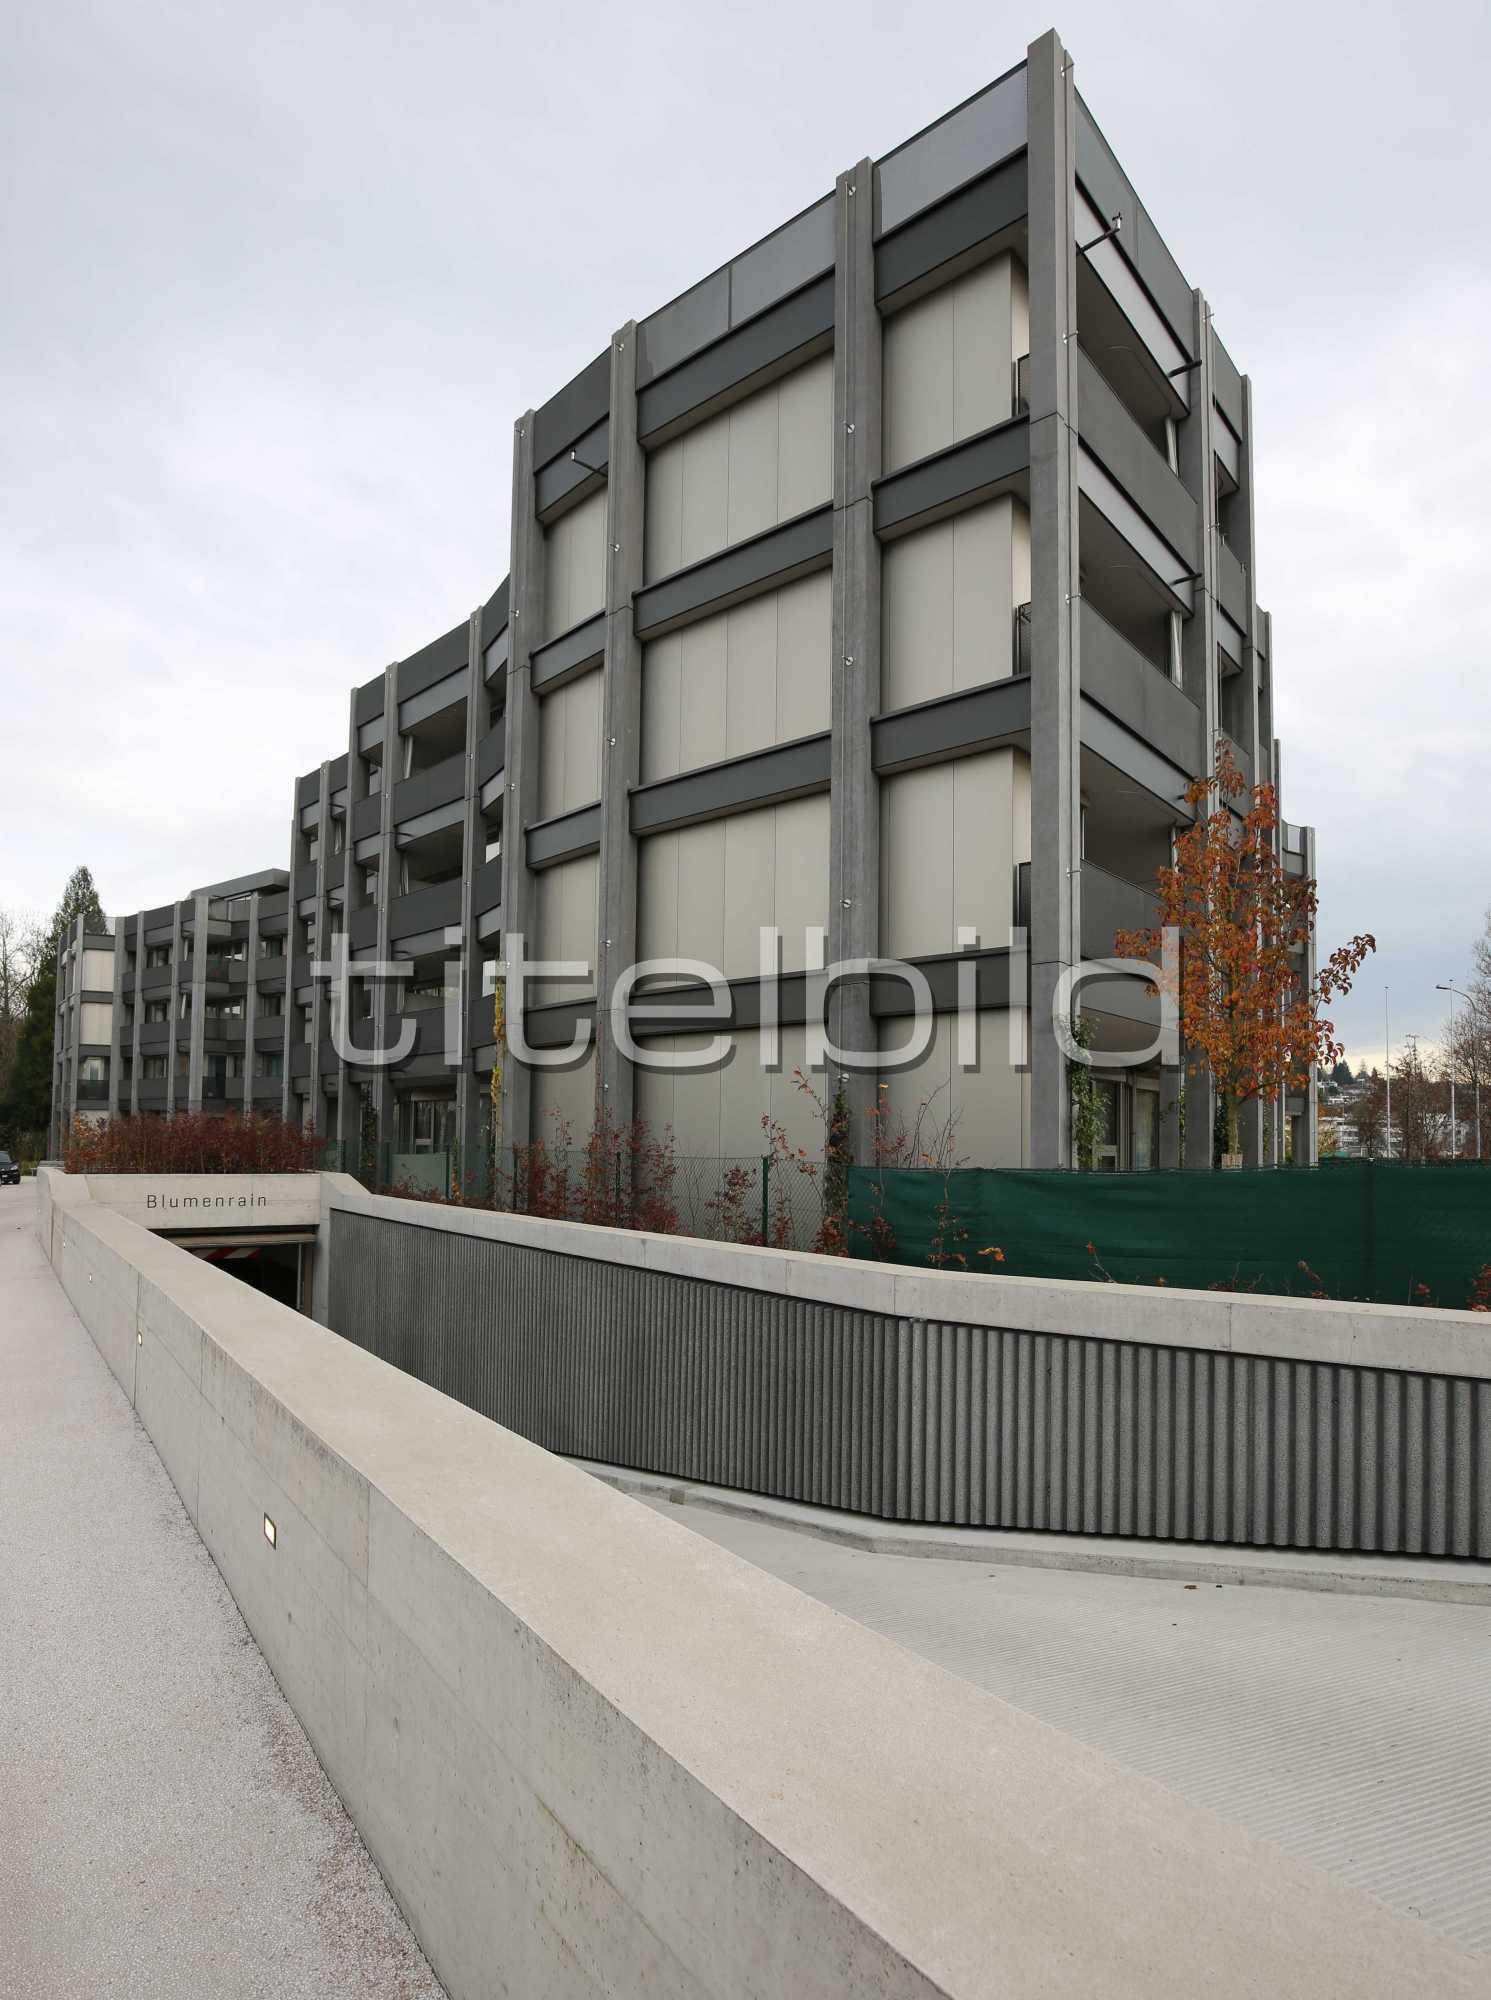 Projektbild-Nr. 6: Wohn- und Pflegezentrum Blumenrain